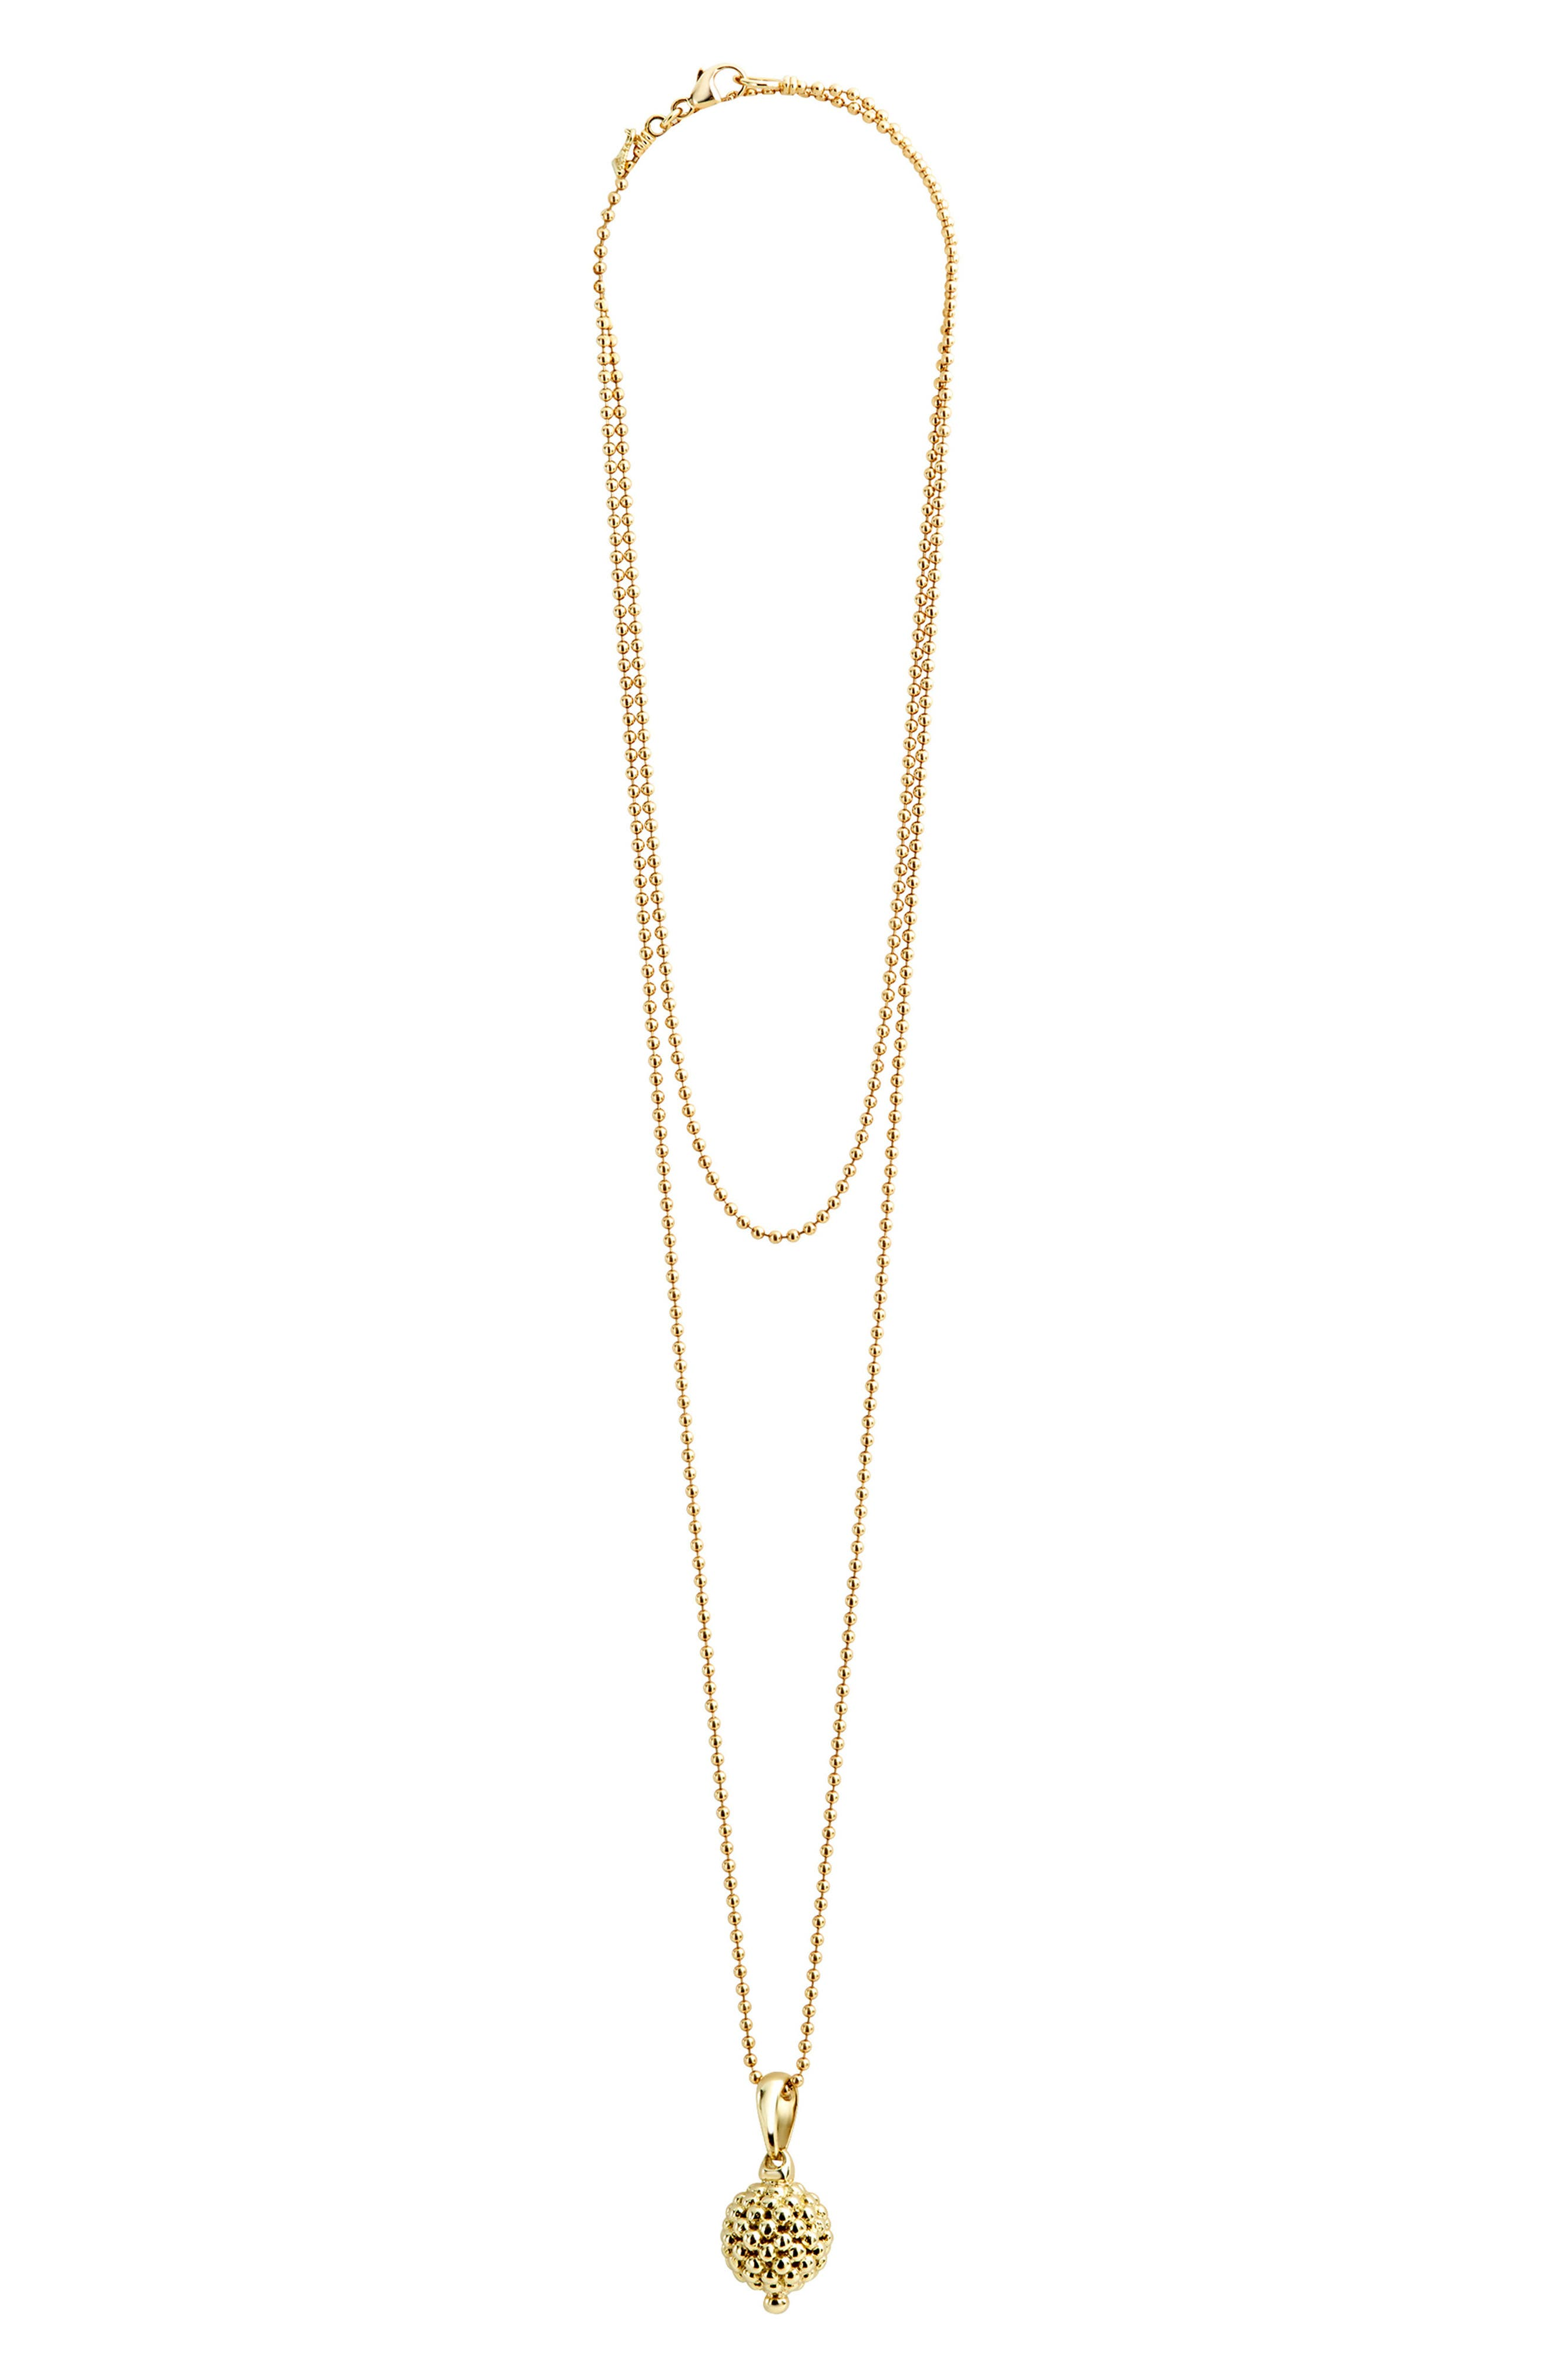 LAGOS Caviar Gold Ball Pendant Necklace